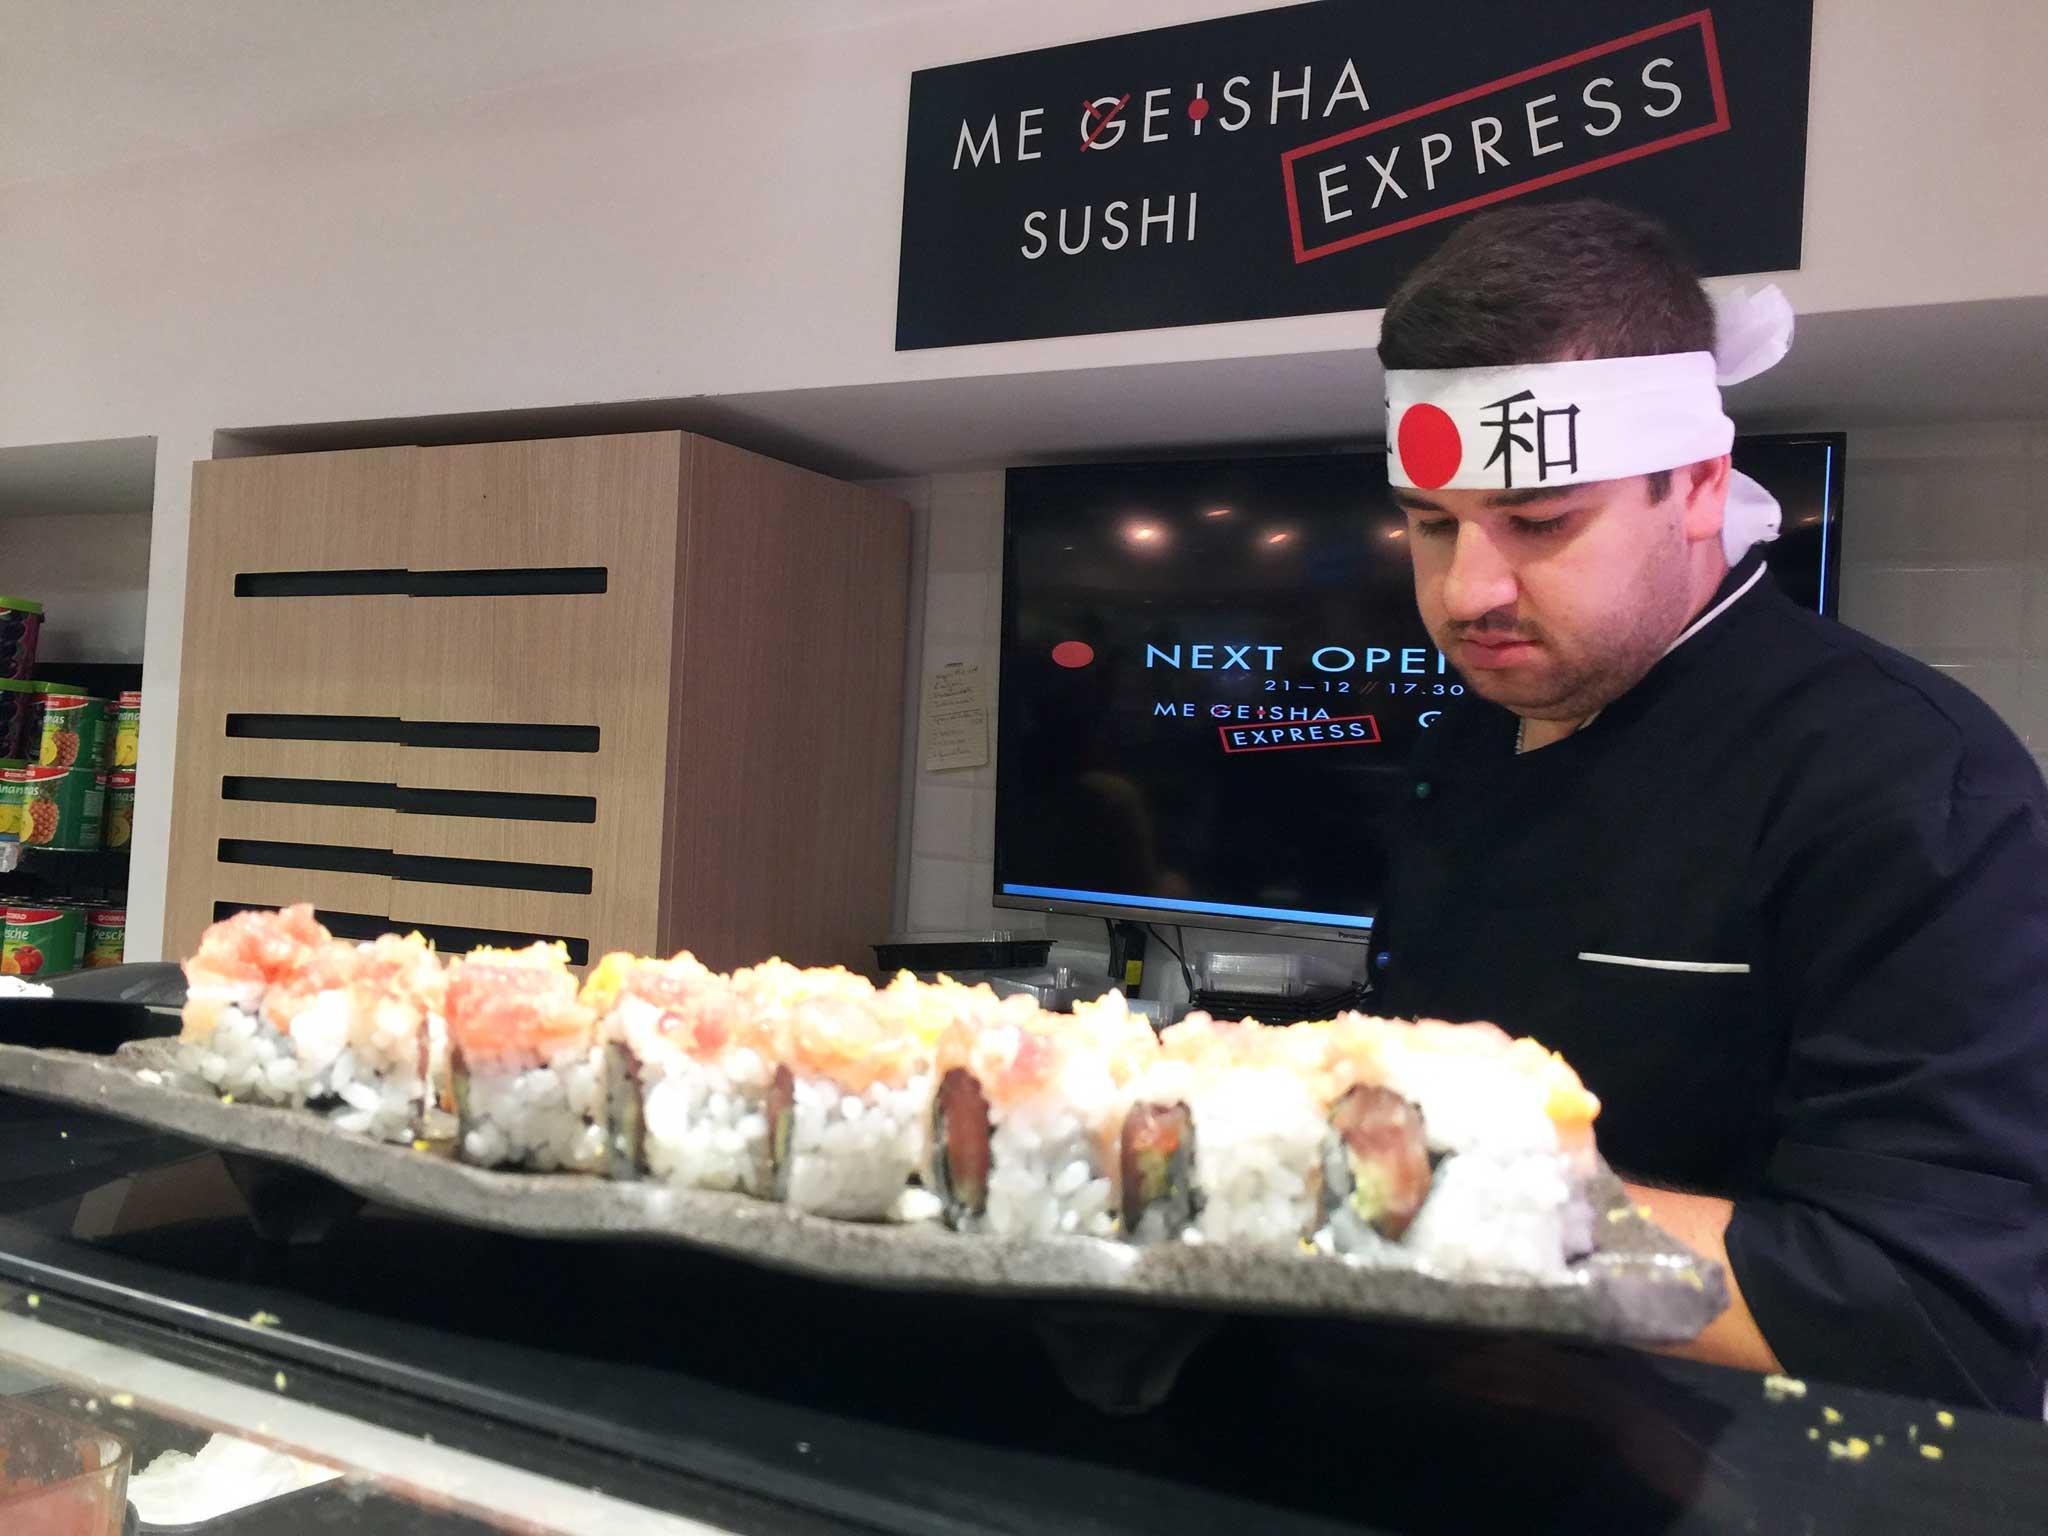 Me Geisha sushi Napoli